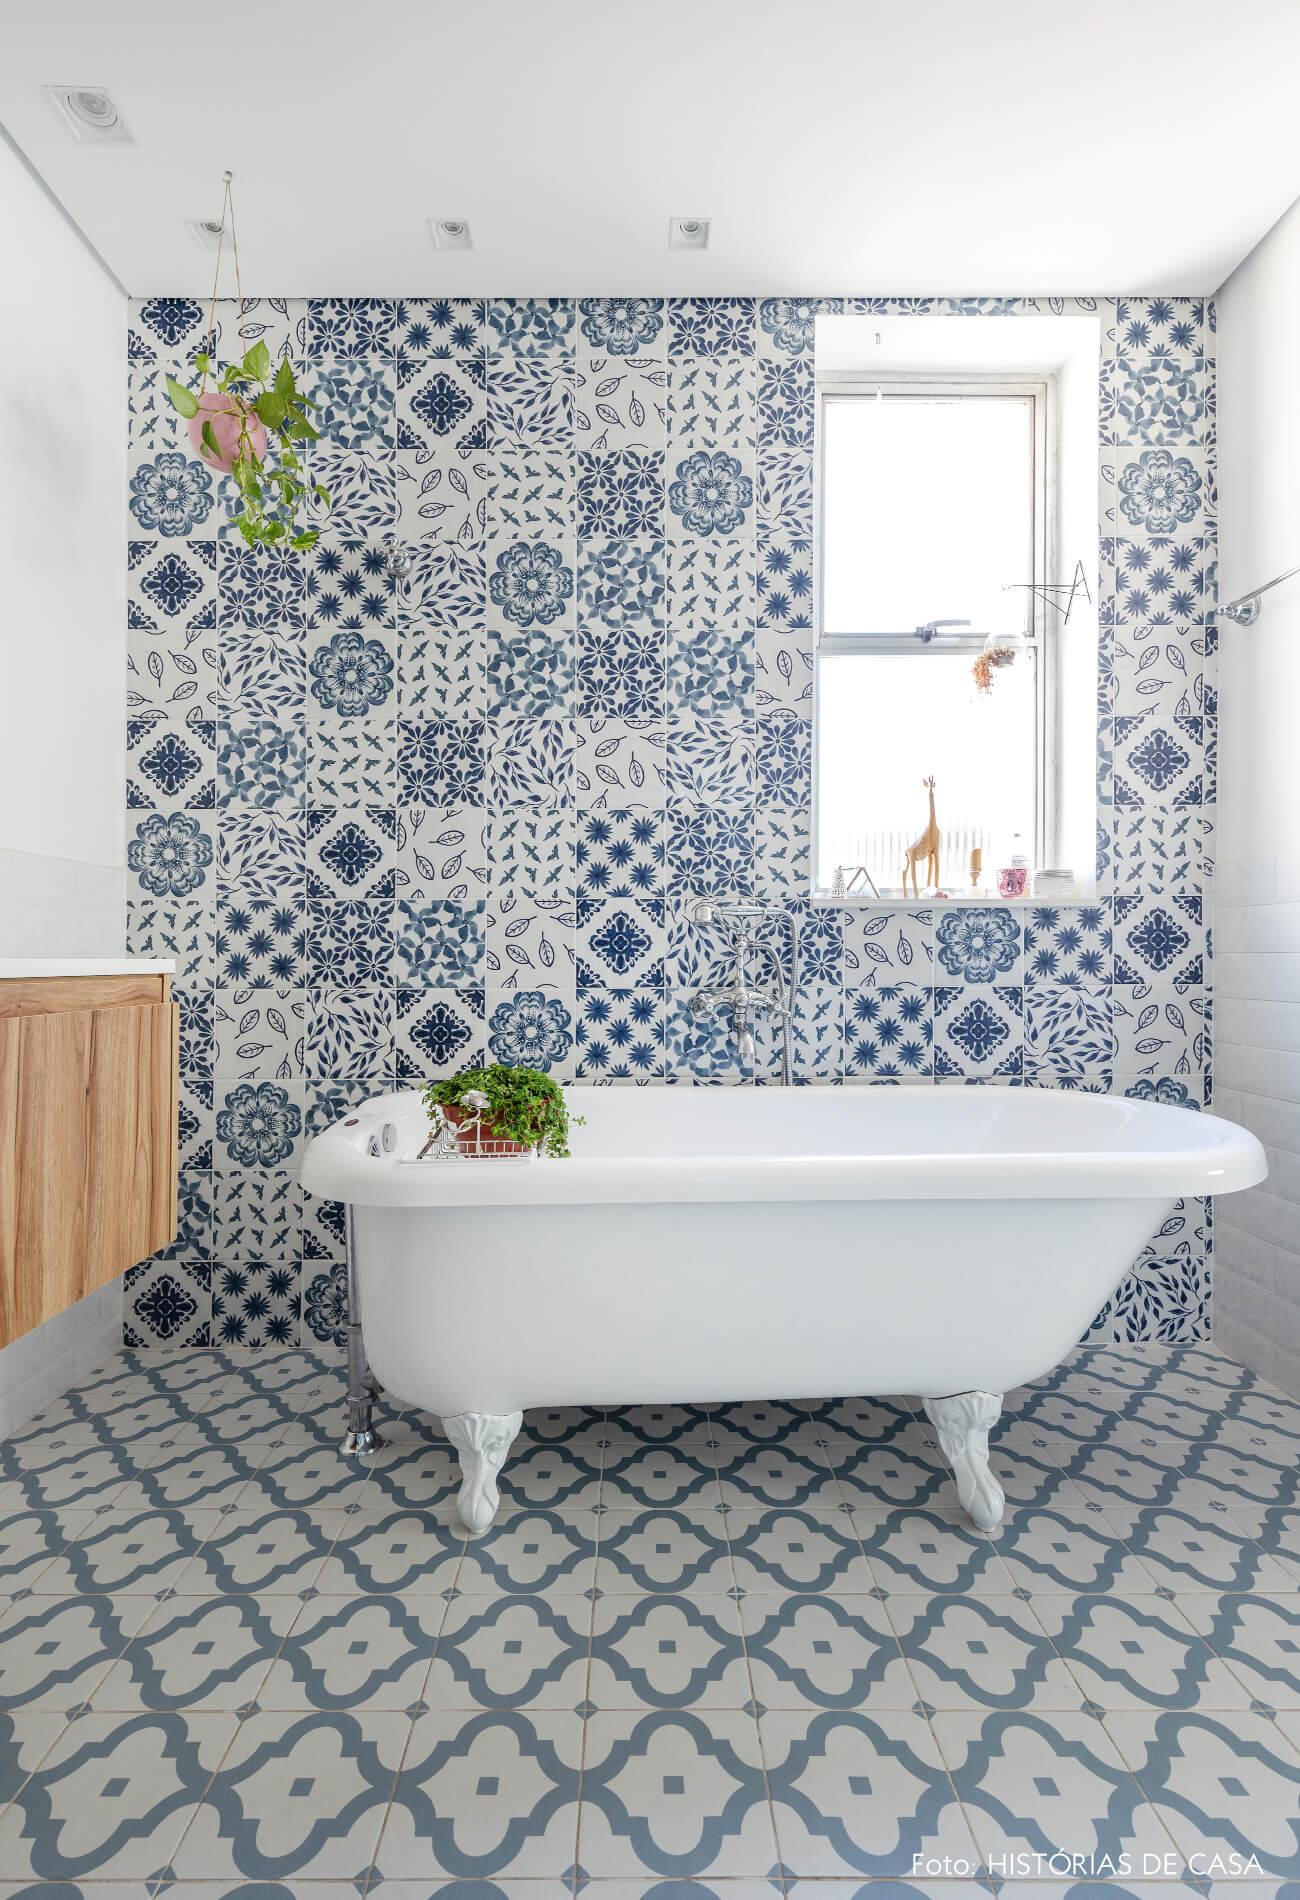 banheiro azulejo azul e branco e banheira